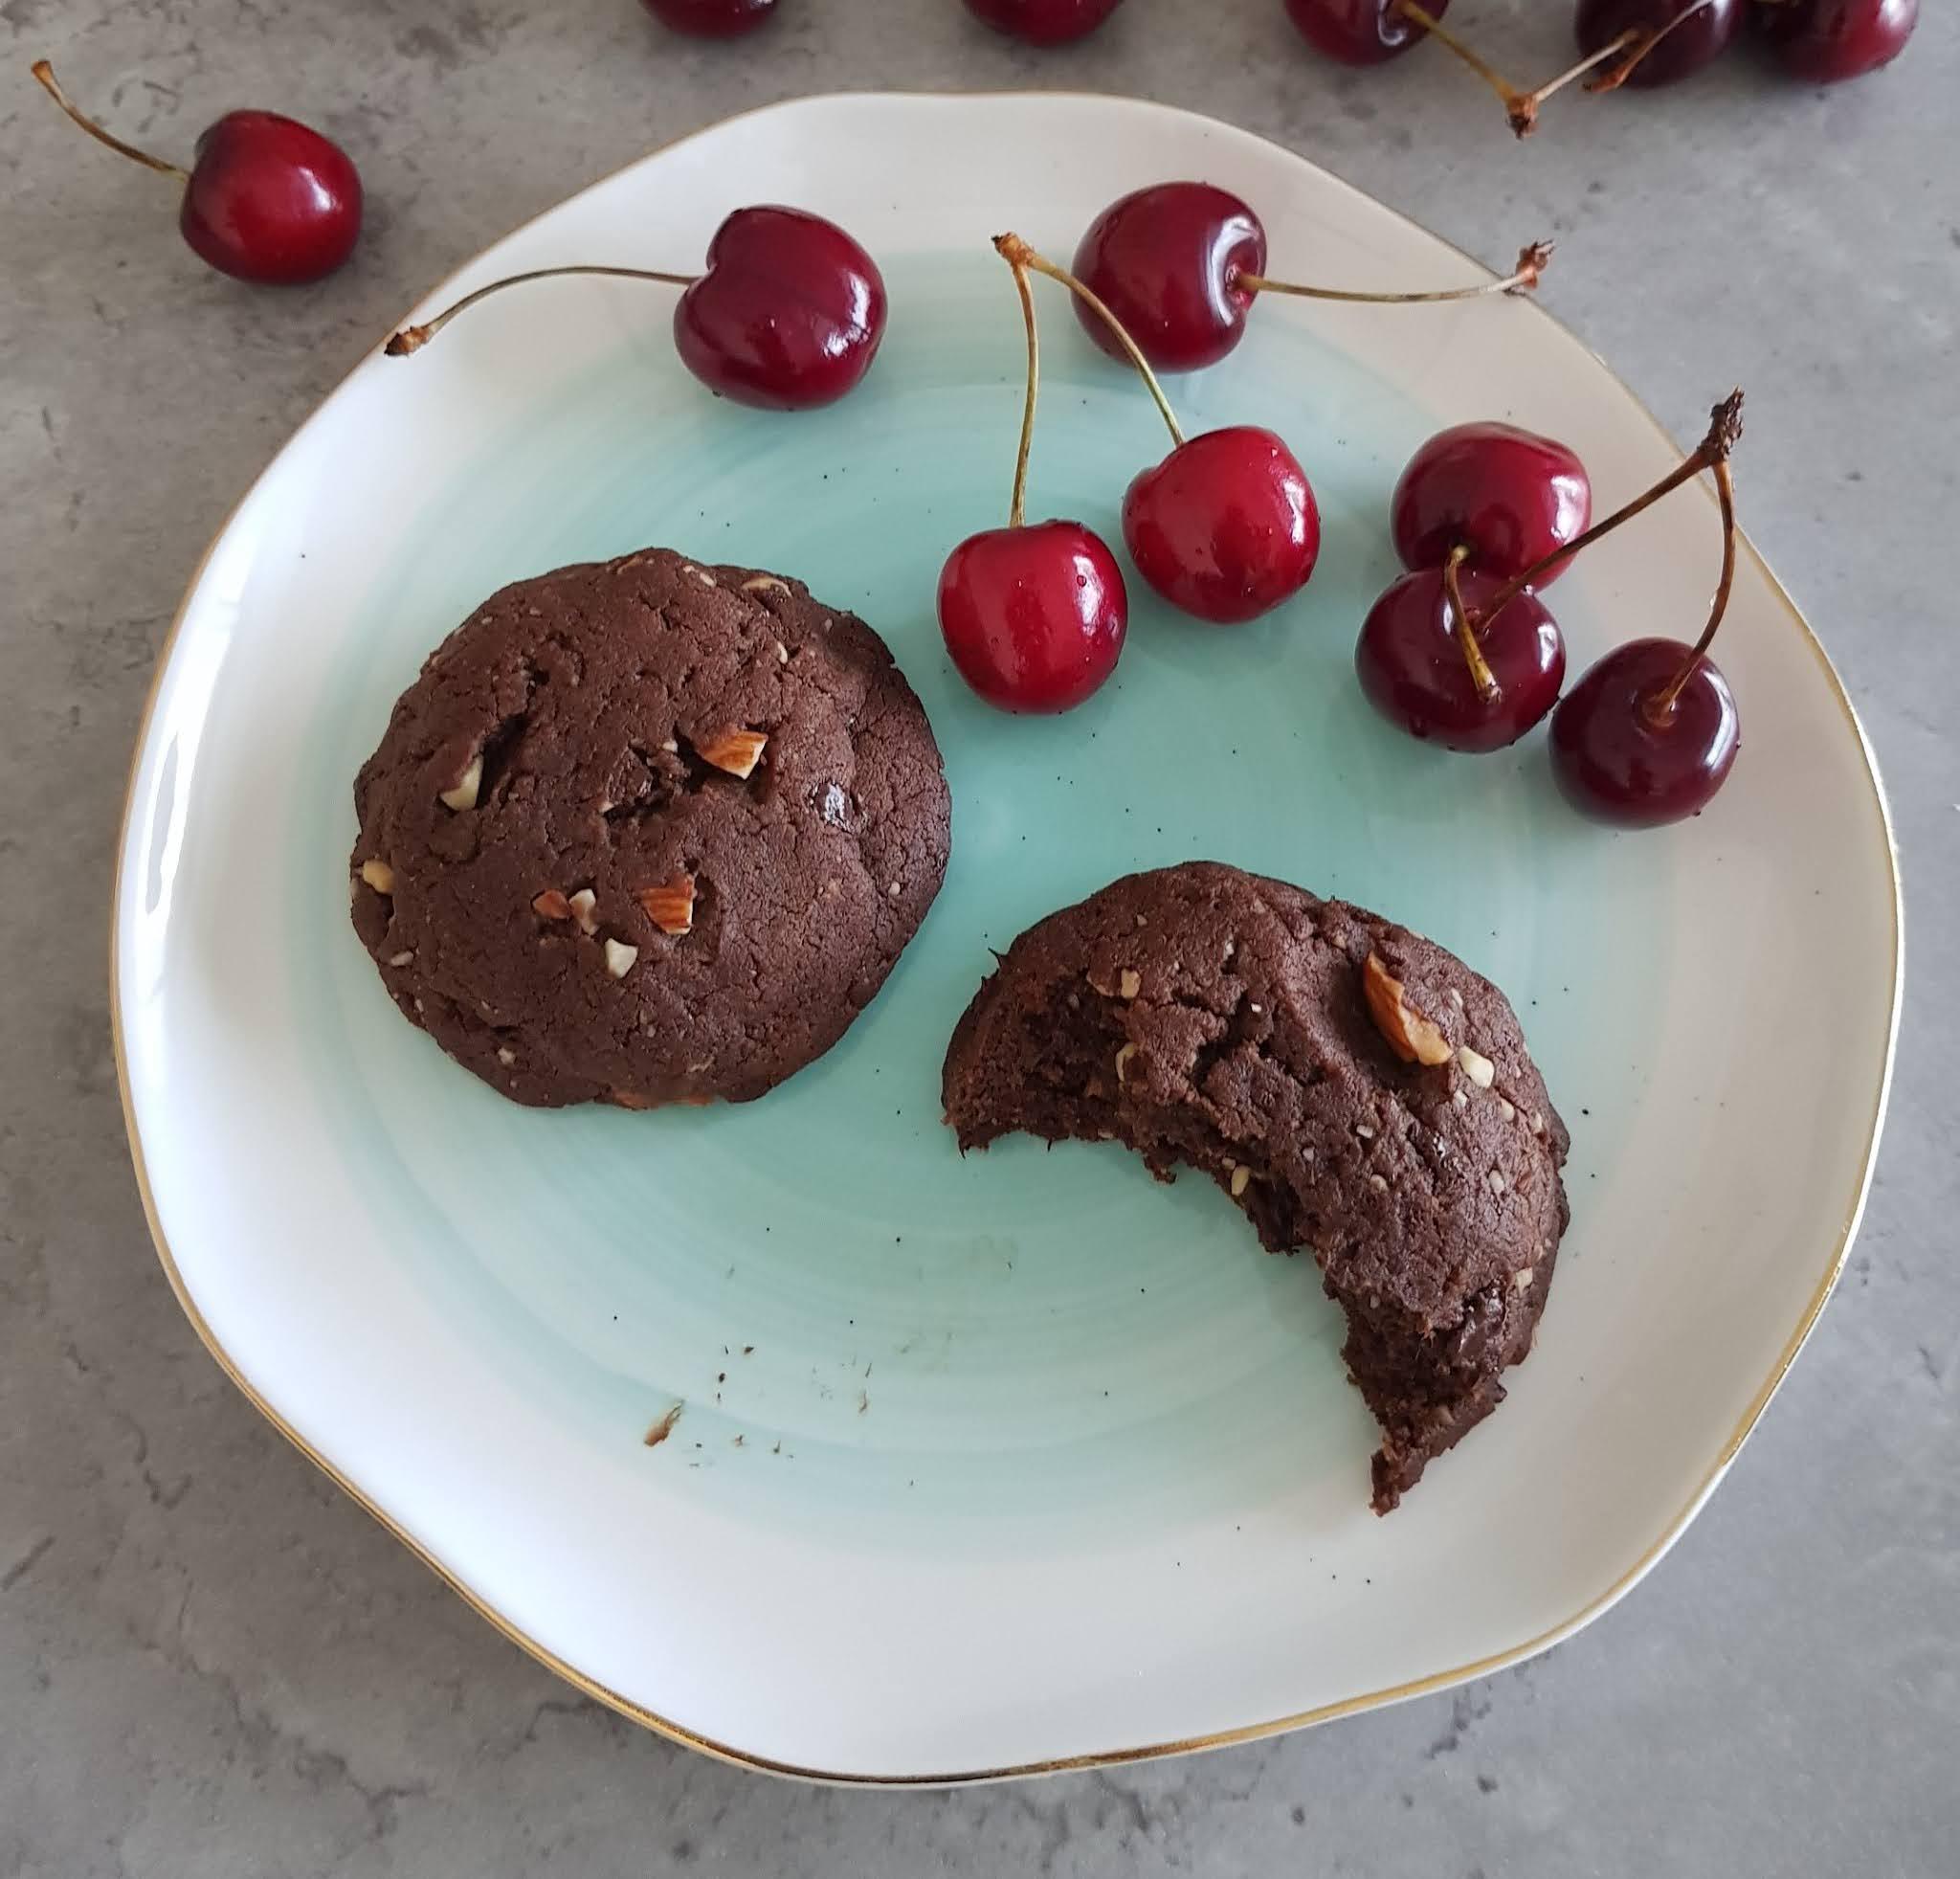 Best vegan cookies in Dubai - Best vegan treats and vegan gifts in Dubai - Vegan Desserts in Dubai